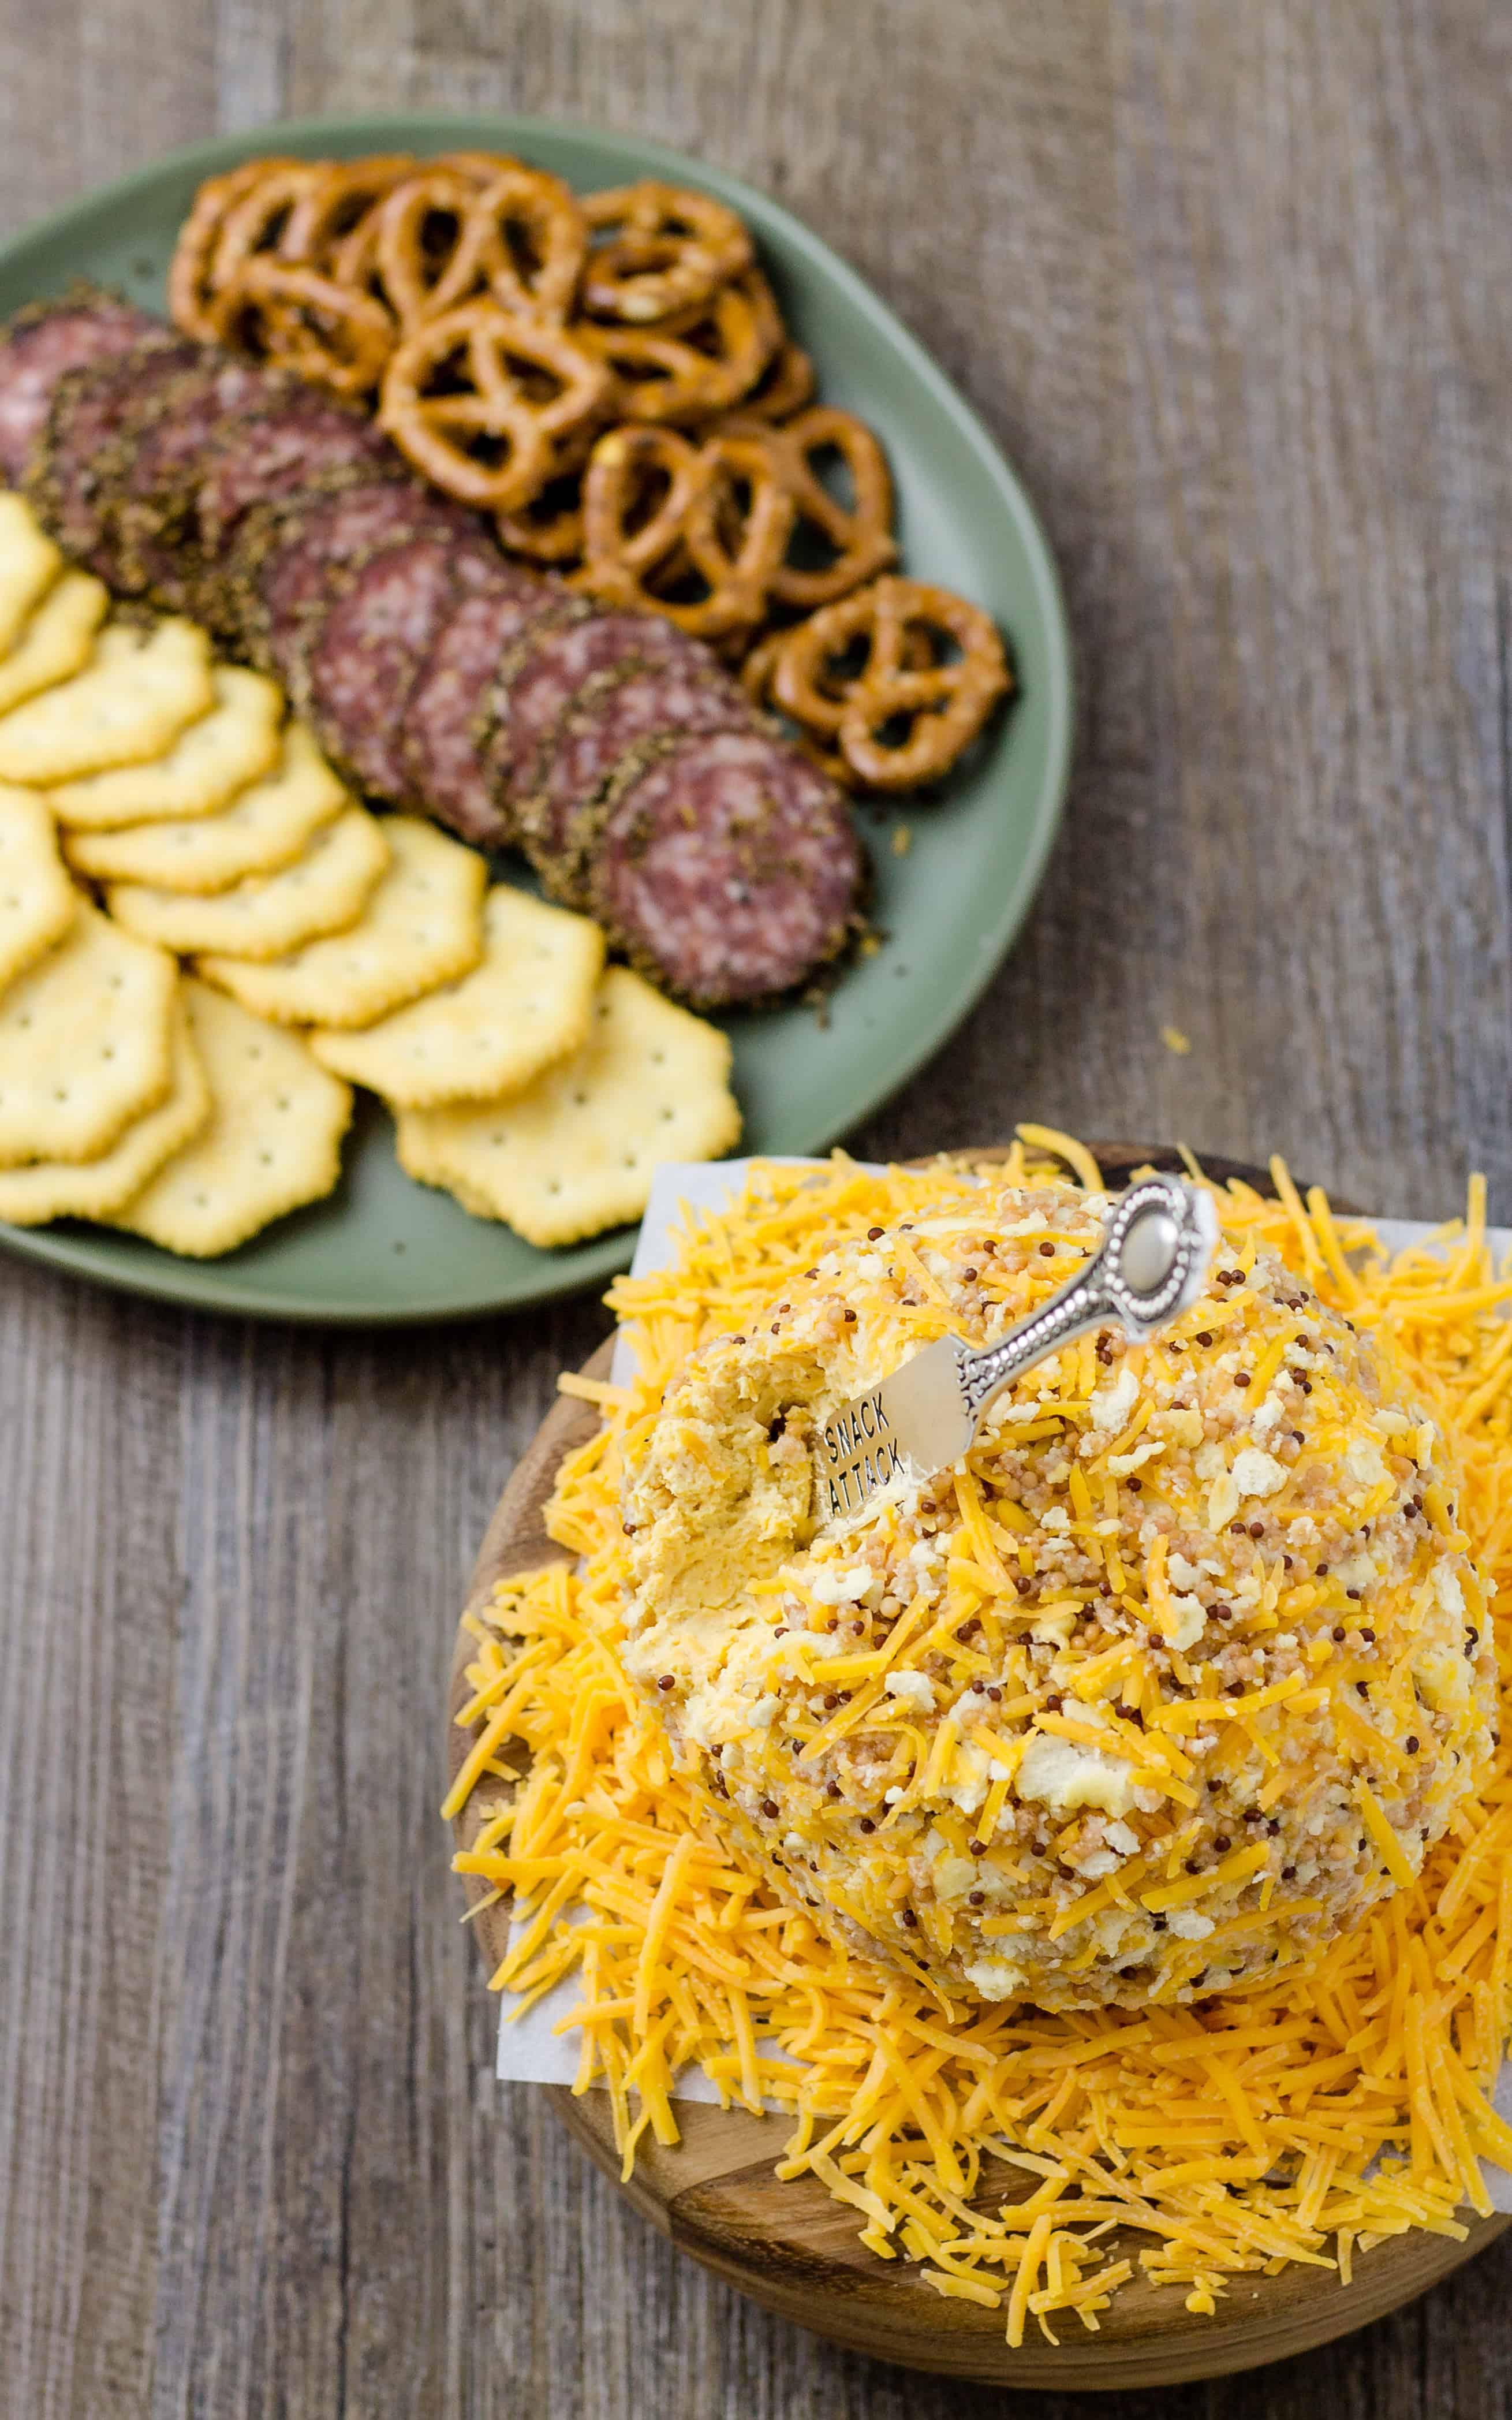 Honey Mustard Cheese Ball perfect for salami and crackers | Take Two Tapas | #HoneyMustard #honey #mustard #Cheeseball #Cheese #Holidays